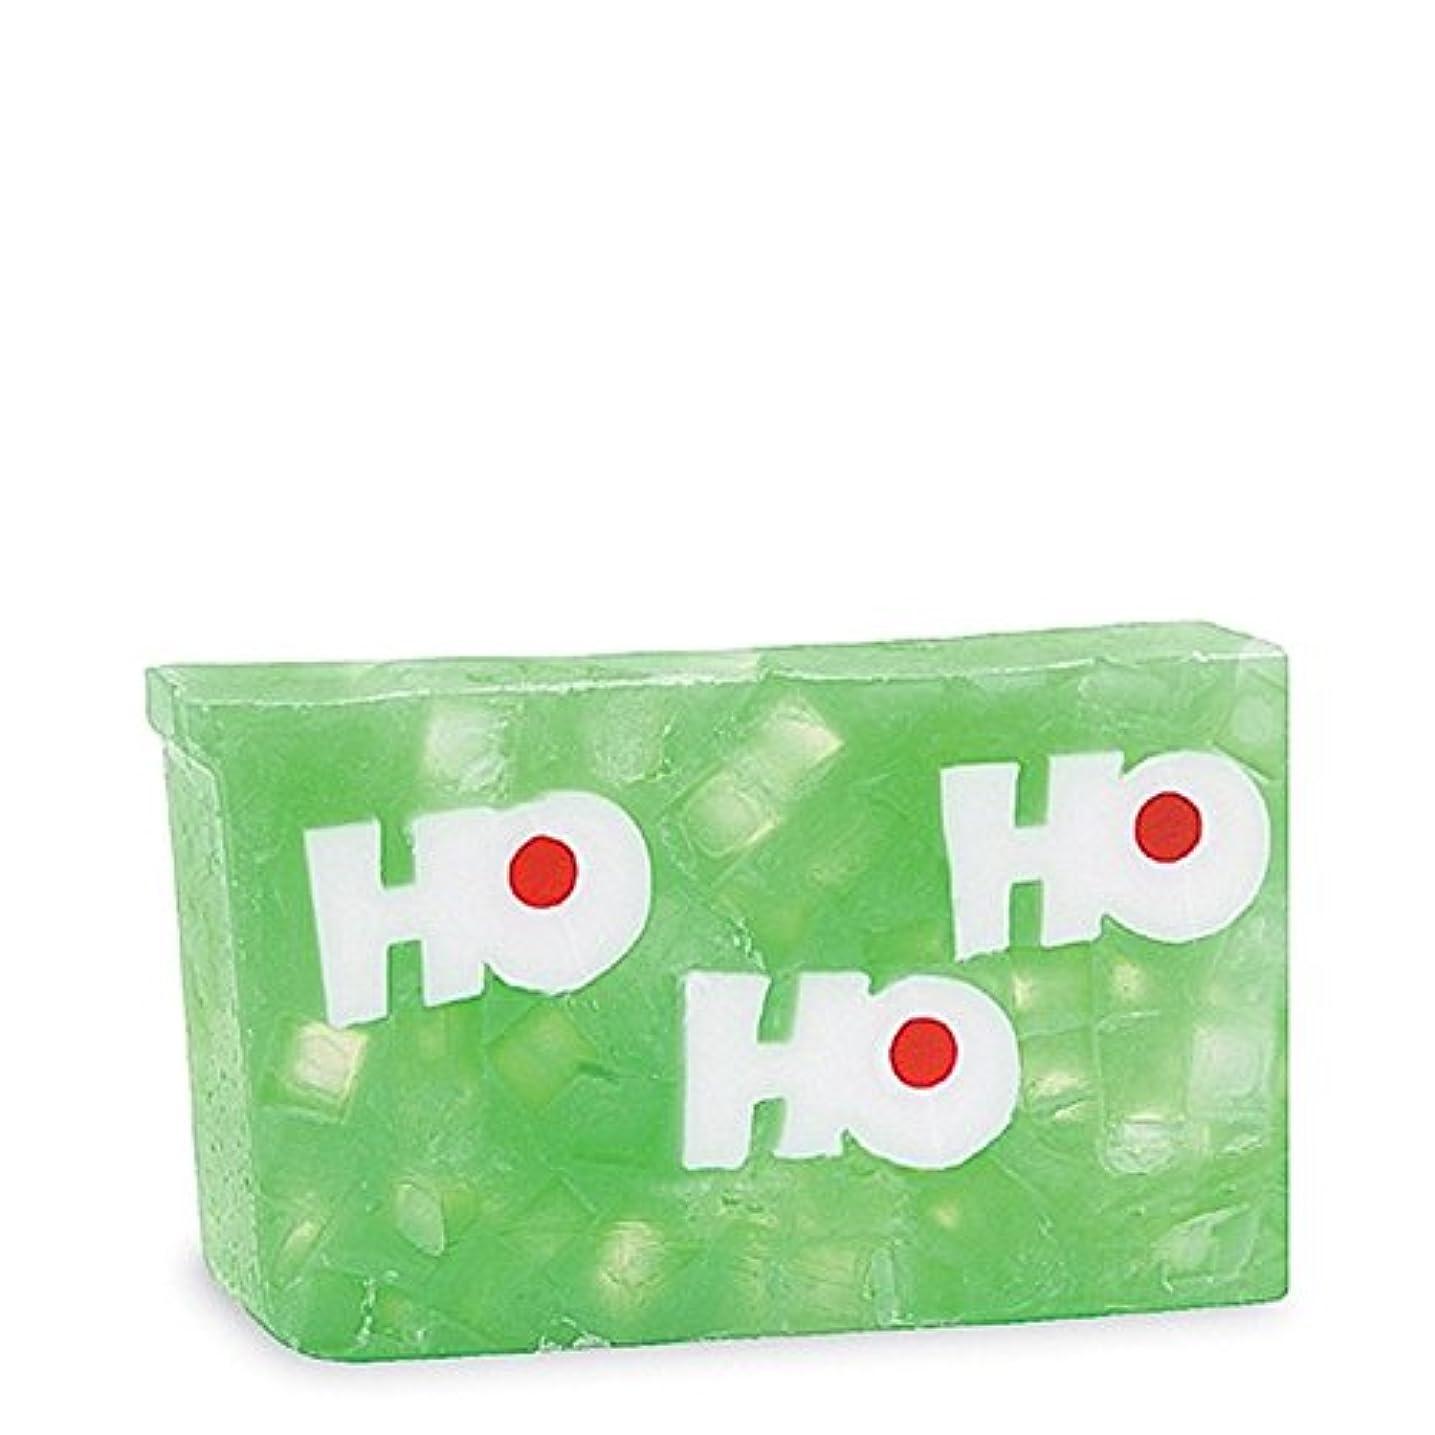 行き当たりばったり九時四十五分デッキPrimal Elements Ho Ho Ho Soap - 原初の要素ホーホーホ石鹸 [並行輸入品]